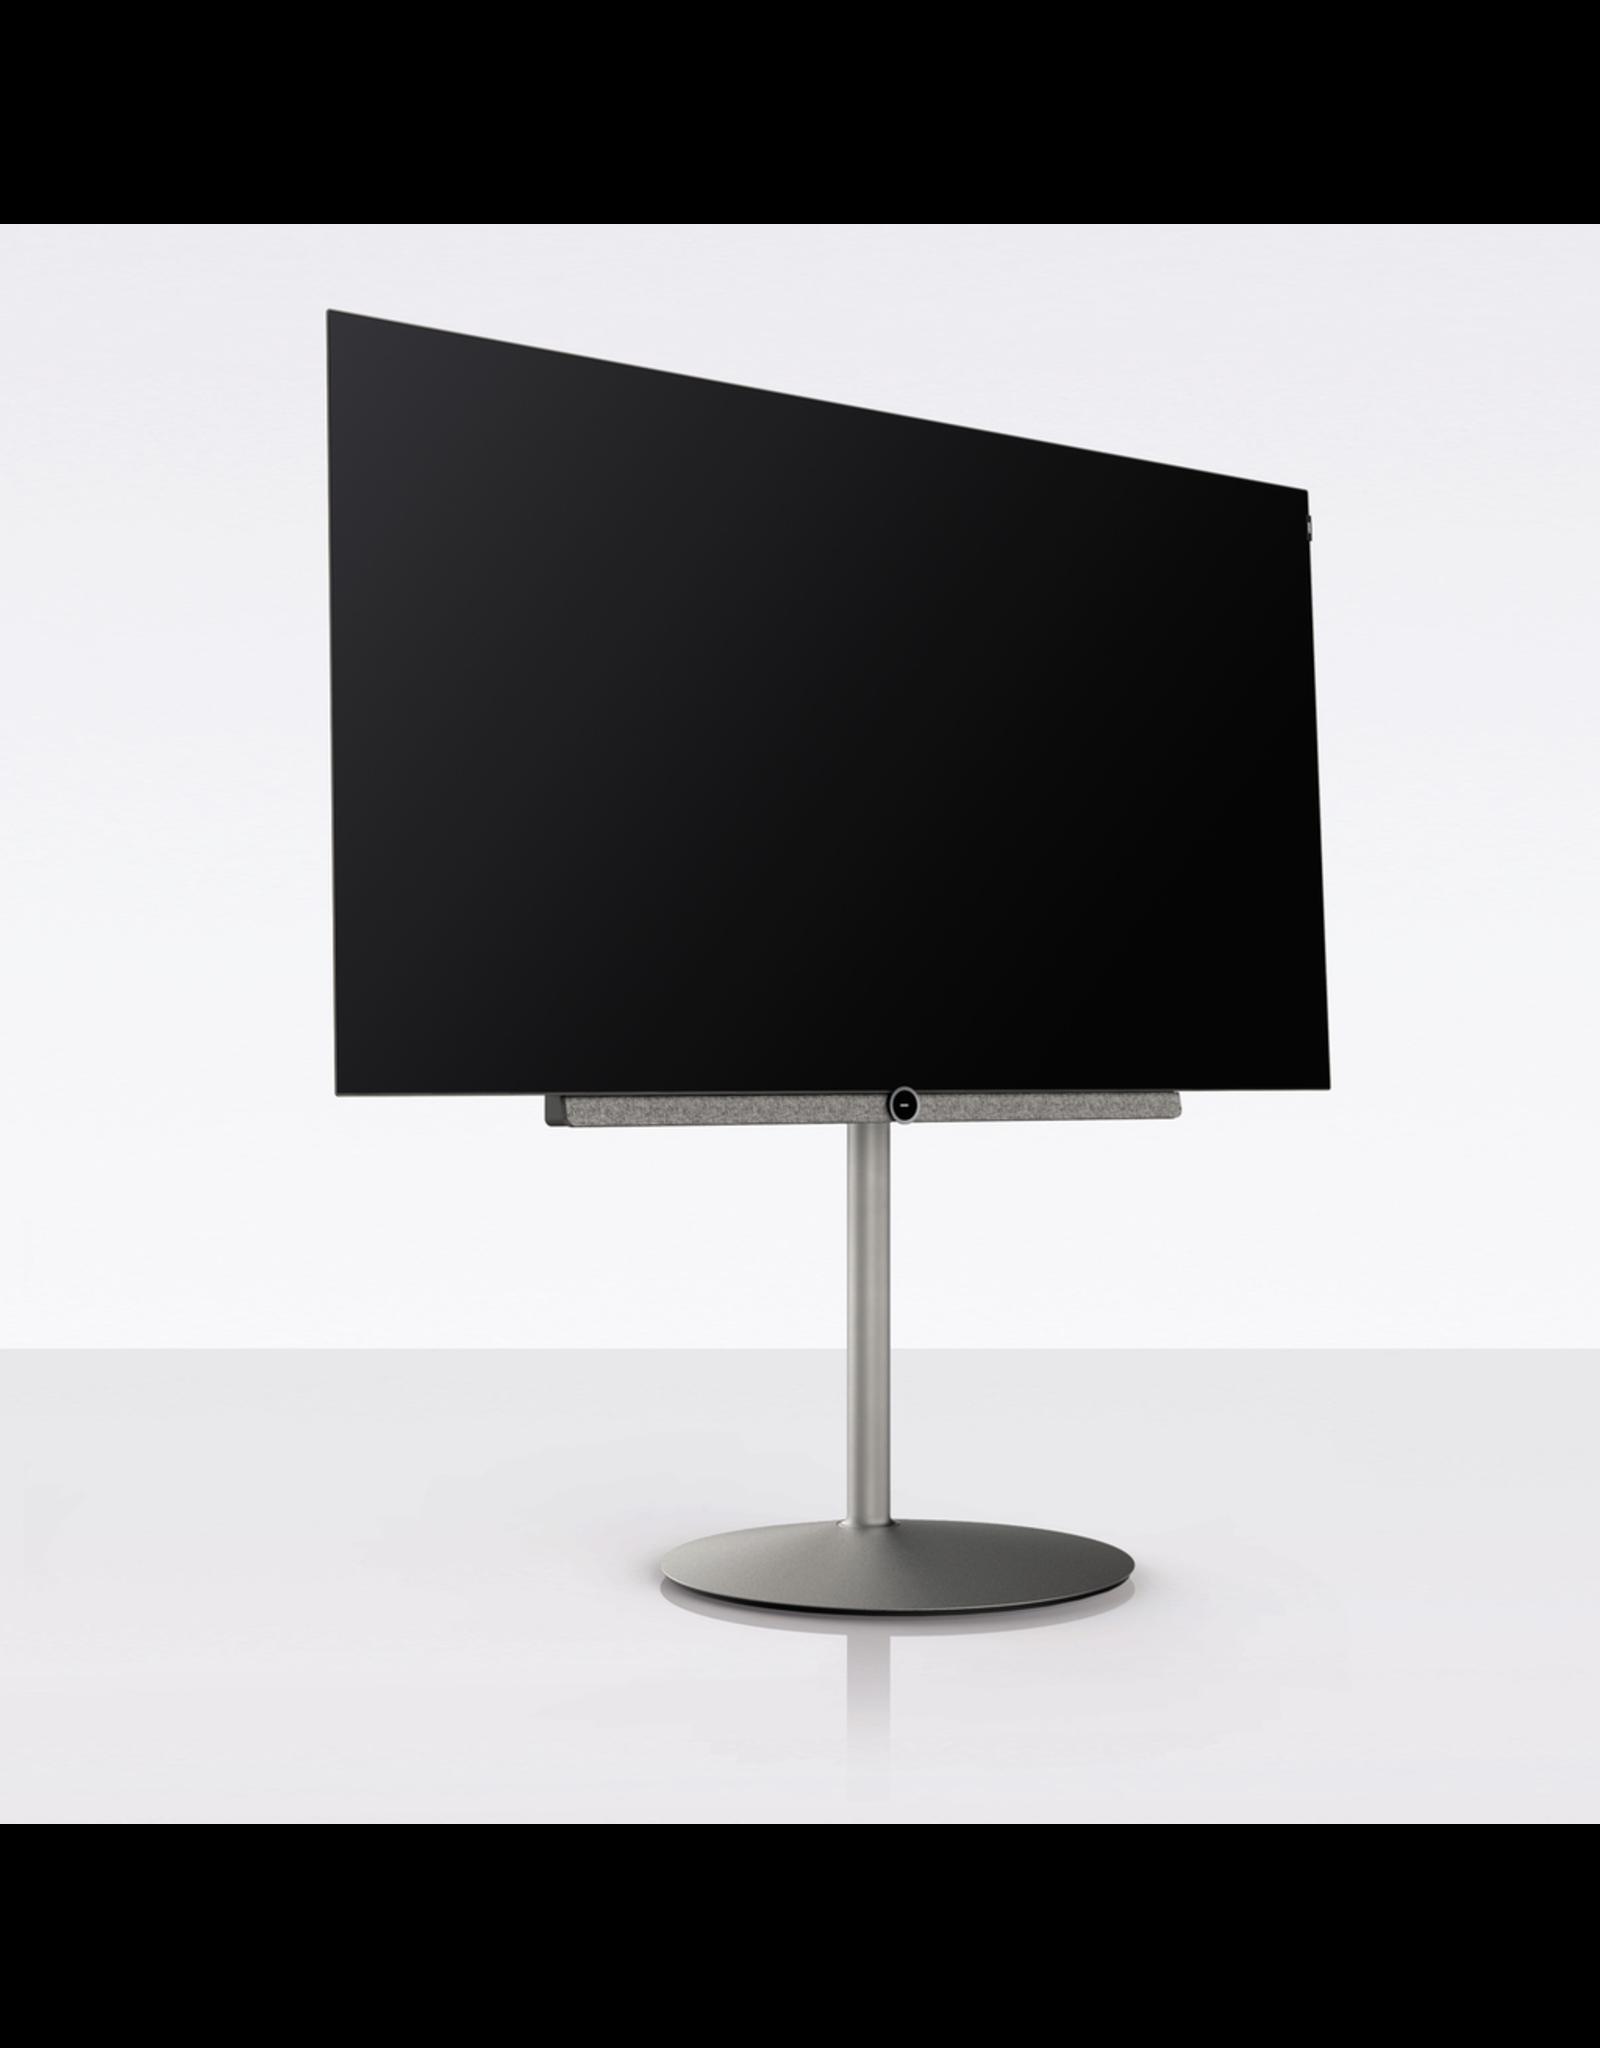 LOEWE LOEWE bild 3.65 UHD OLED Television